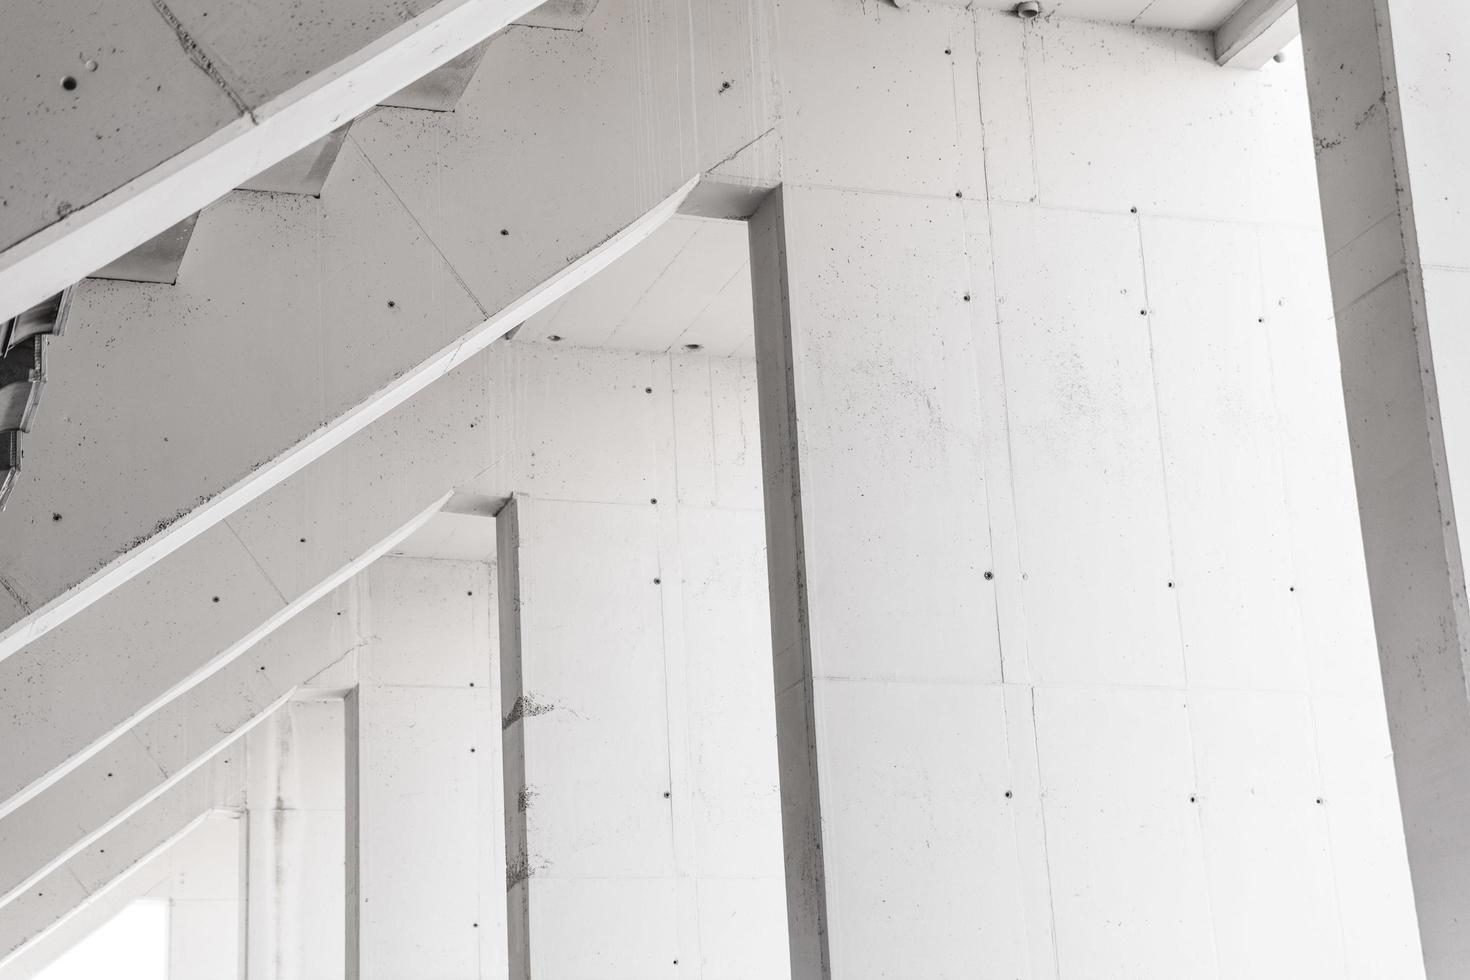 vitmålad vägg foto